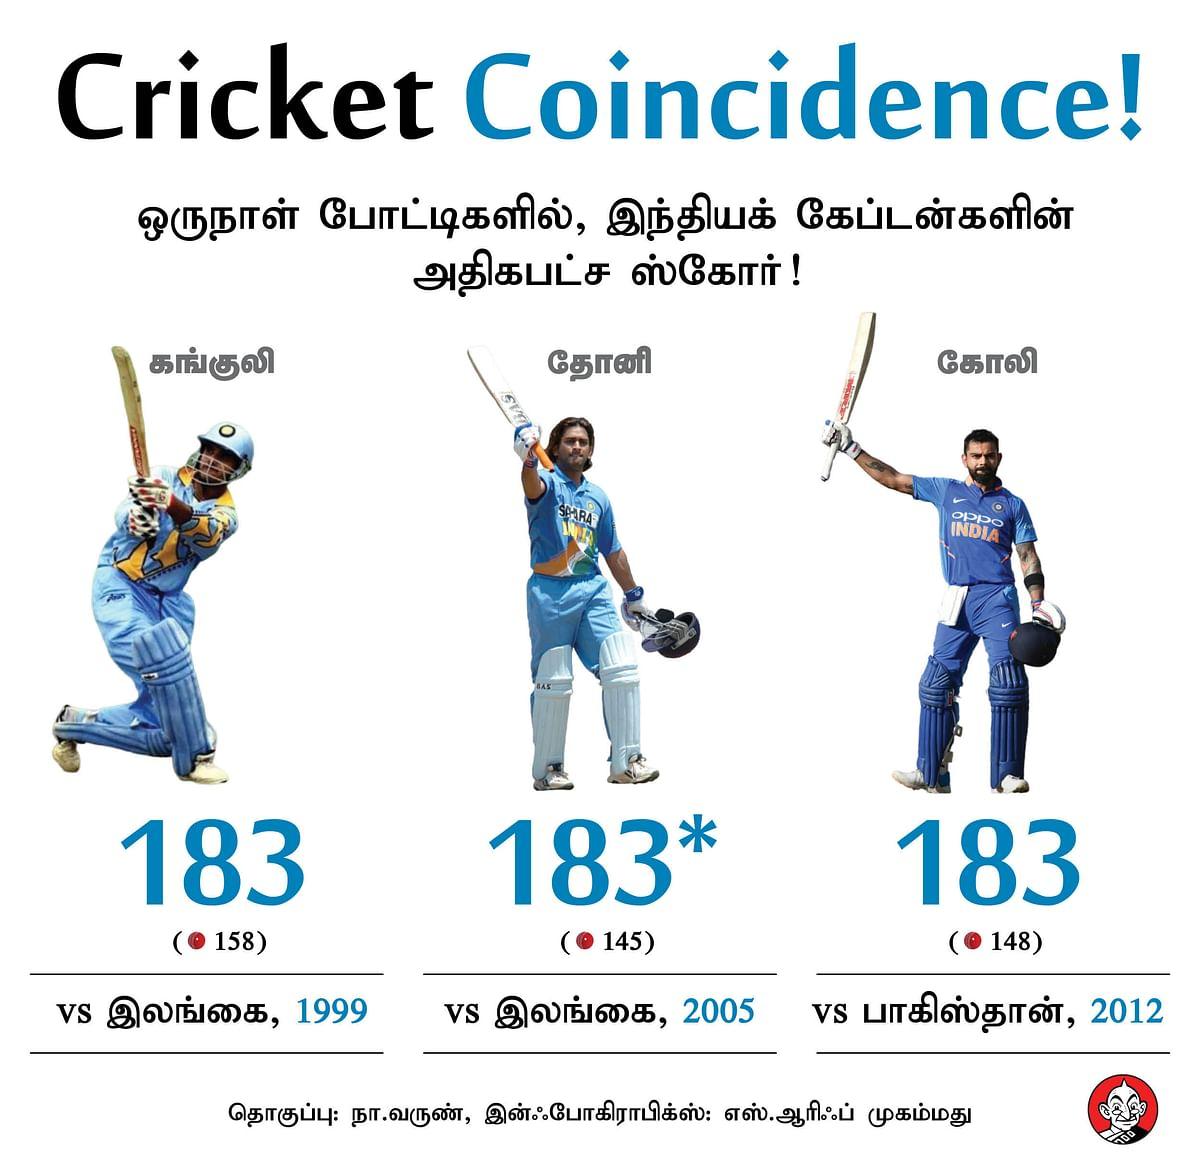 Ganguly, Dhoni, Kohli coincidence